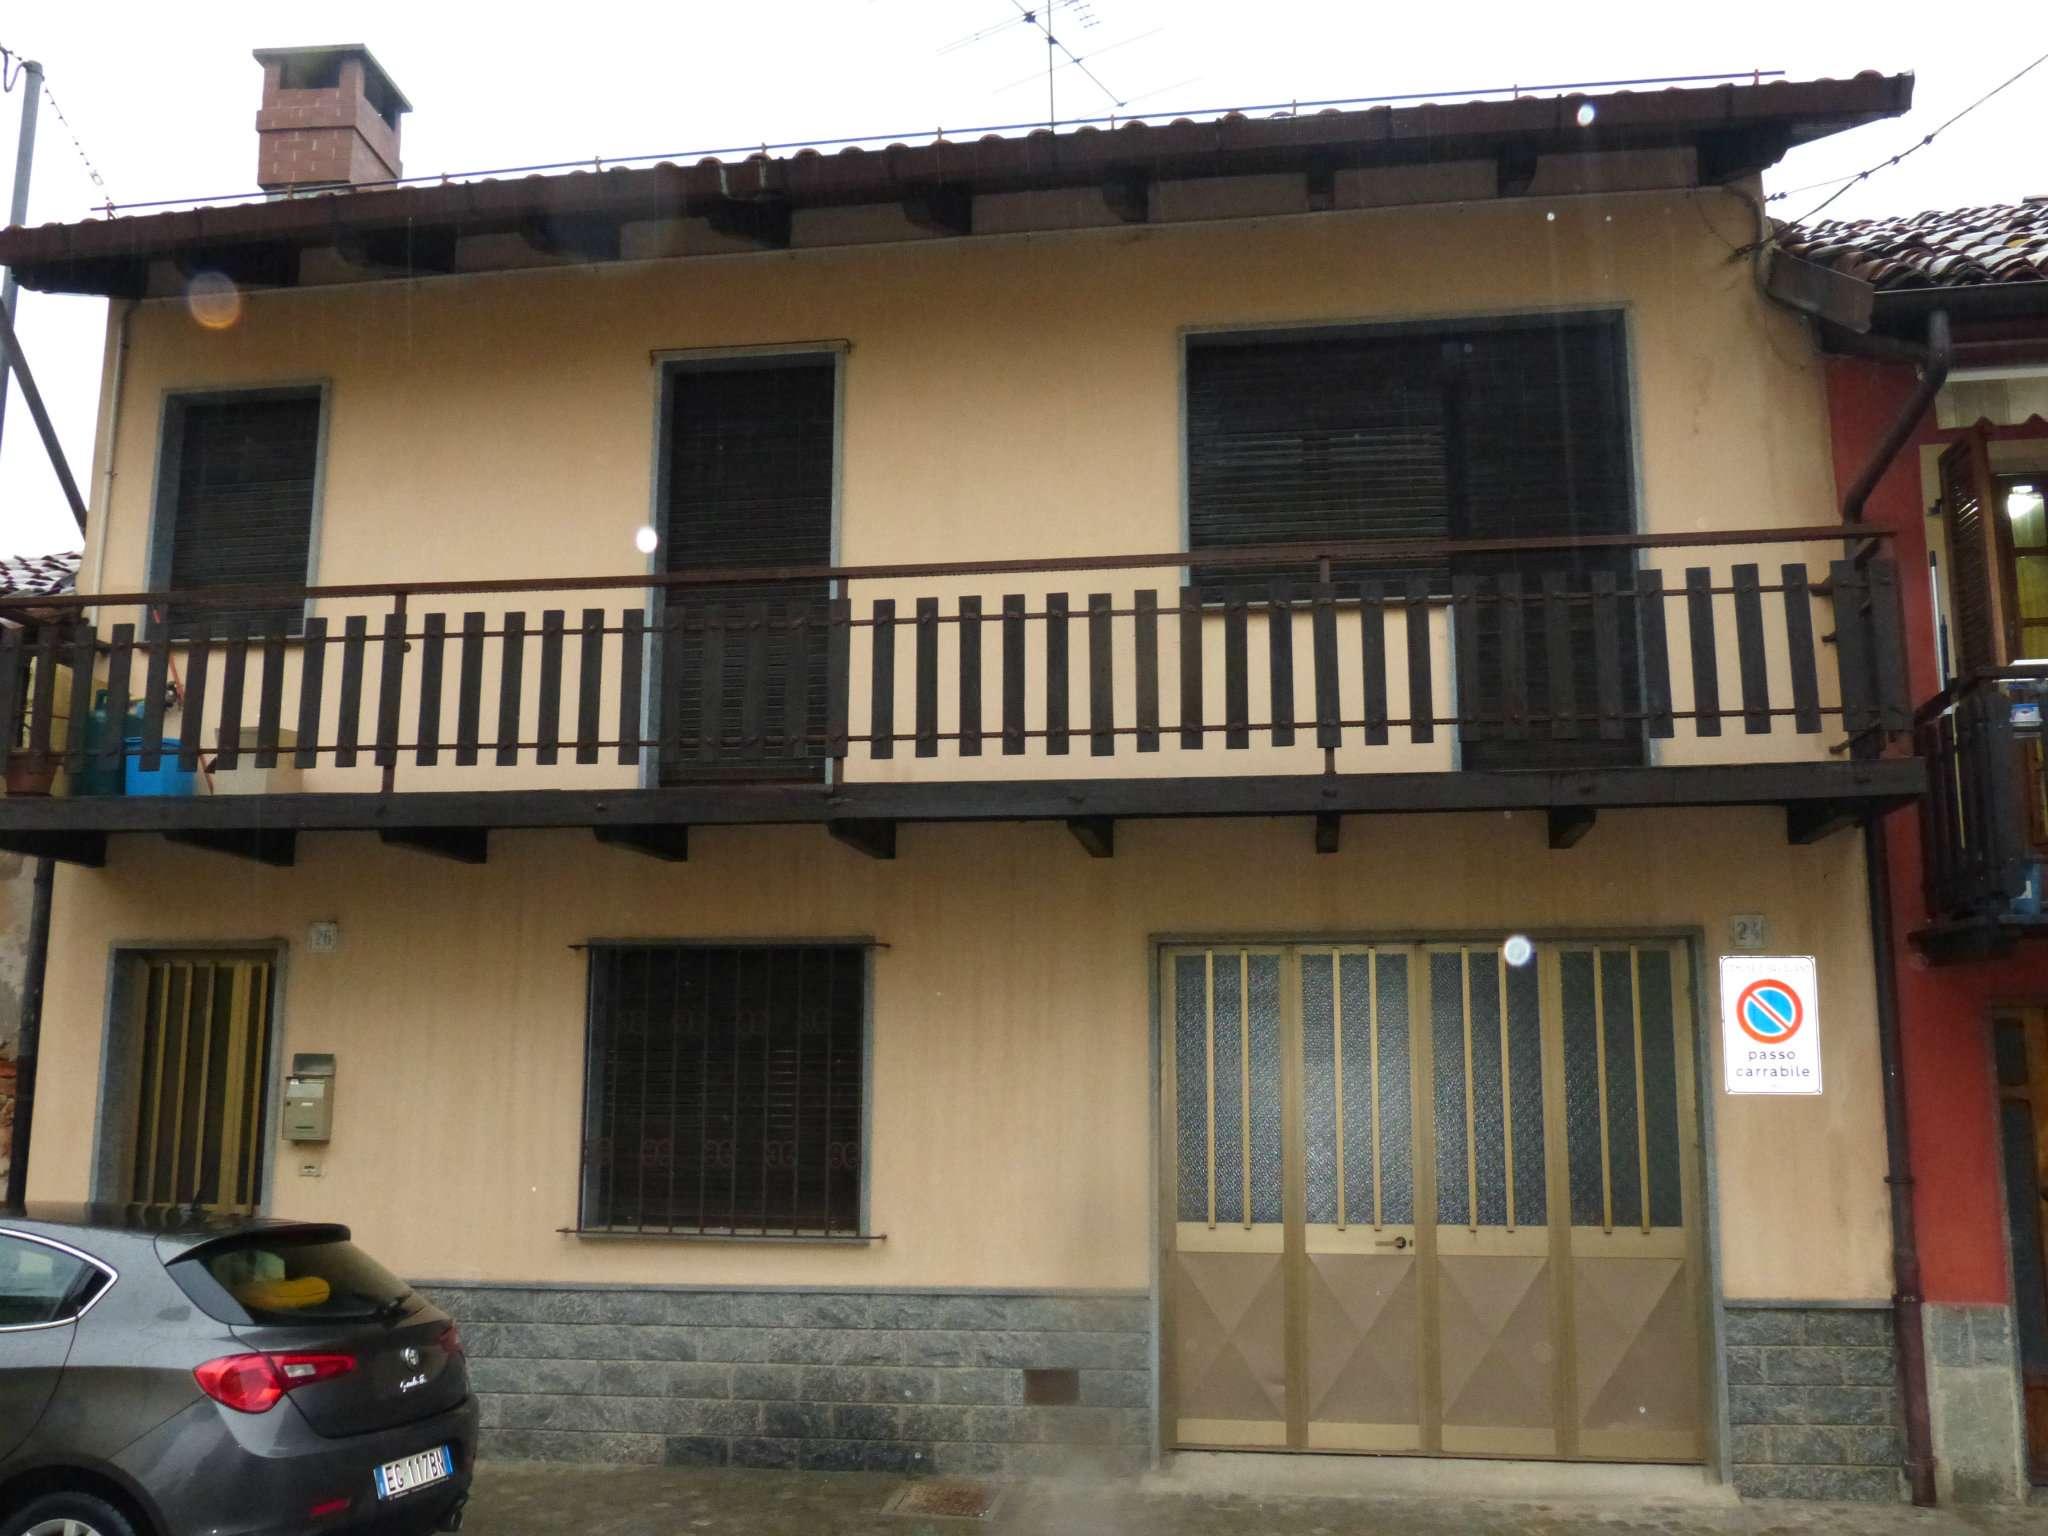 Soluzione Indipendente in vendita a Savigliano, 4 locali, prezzo € 68.000 | Cambio Casa.it